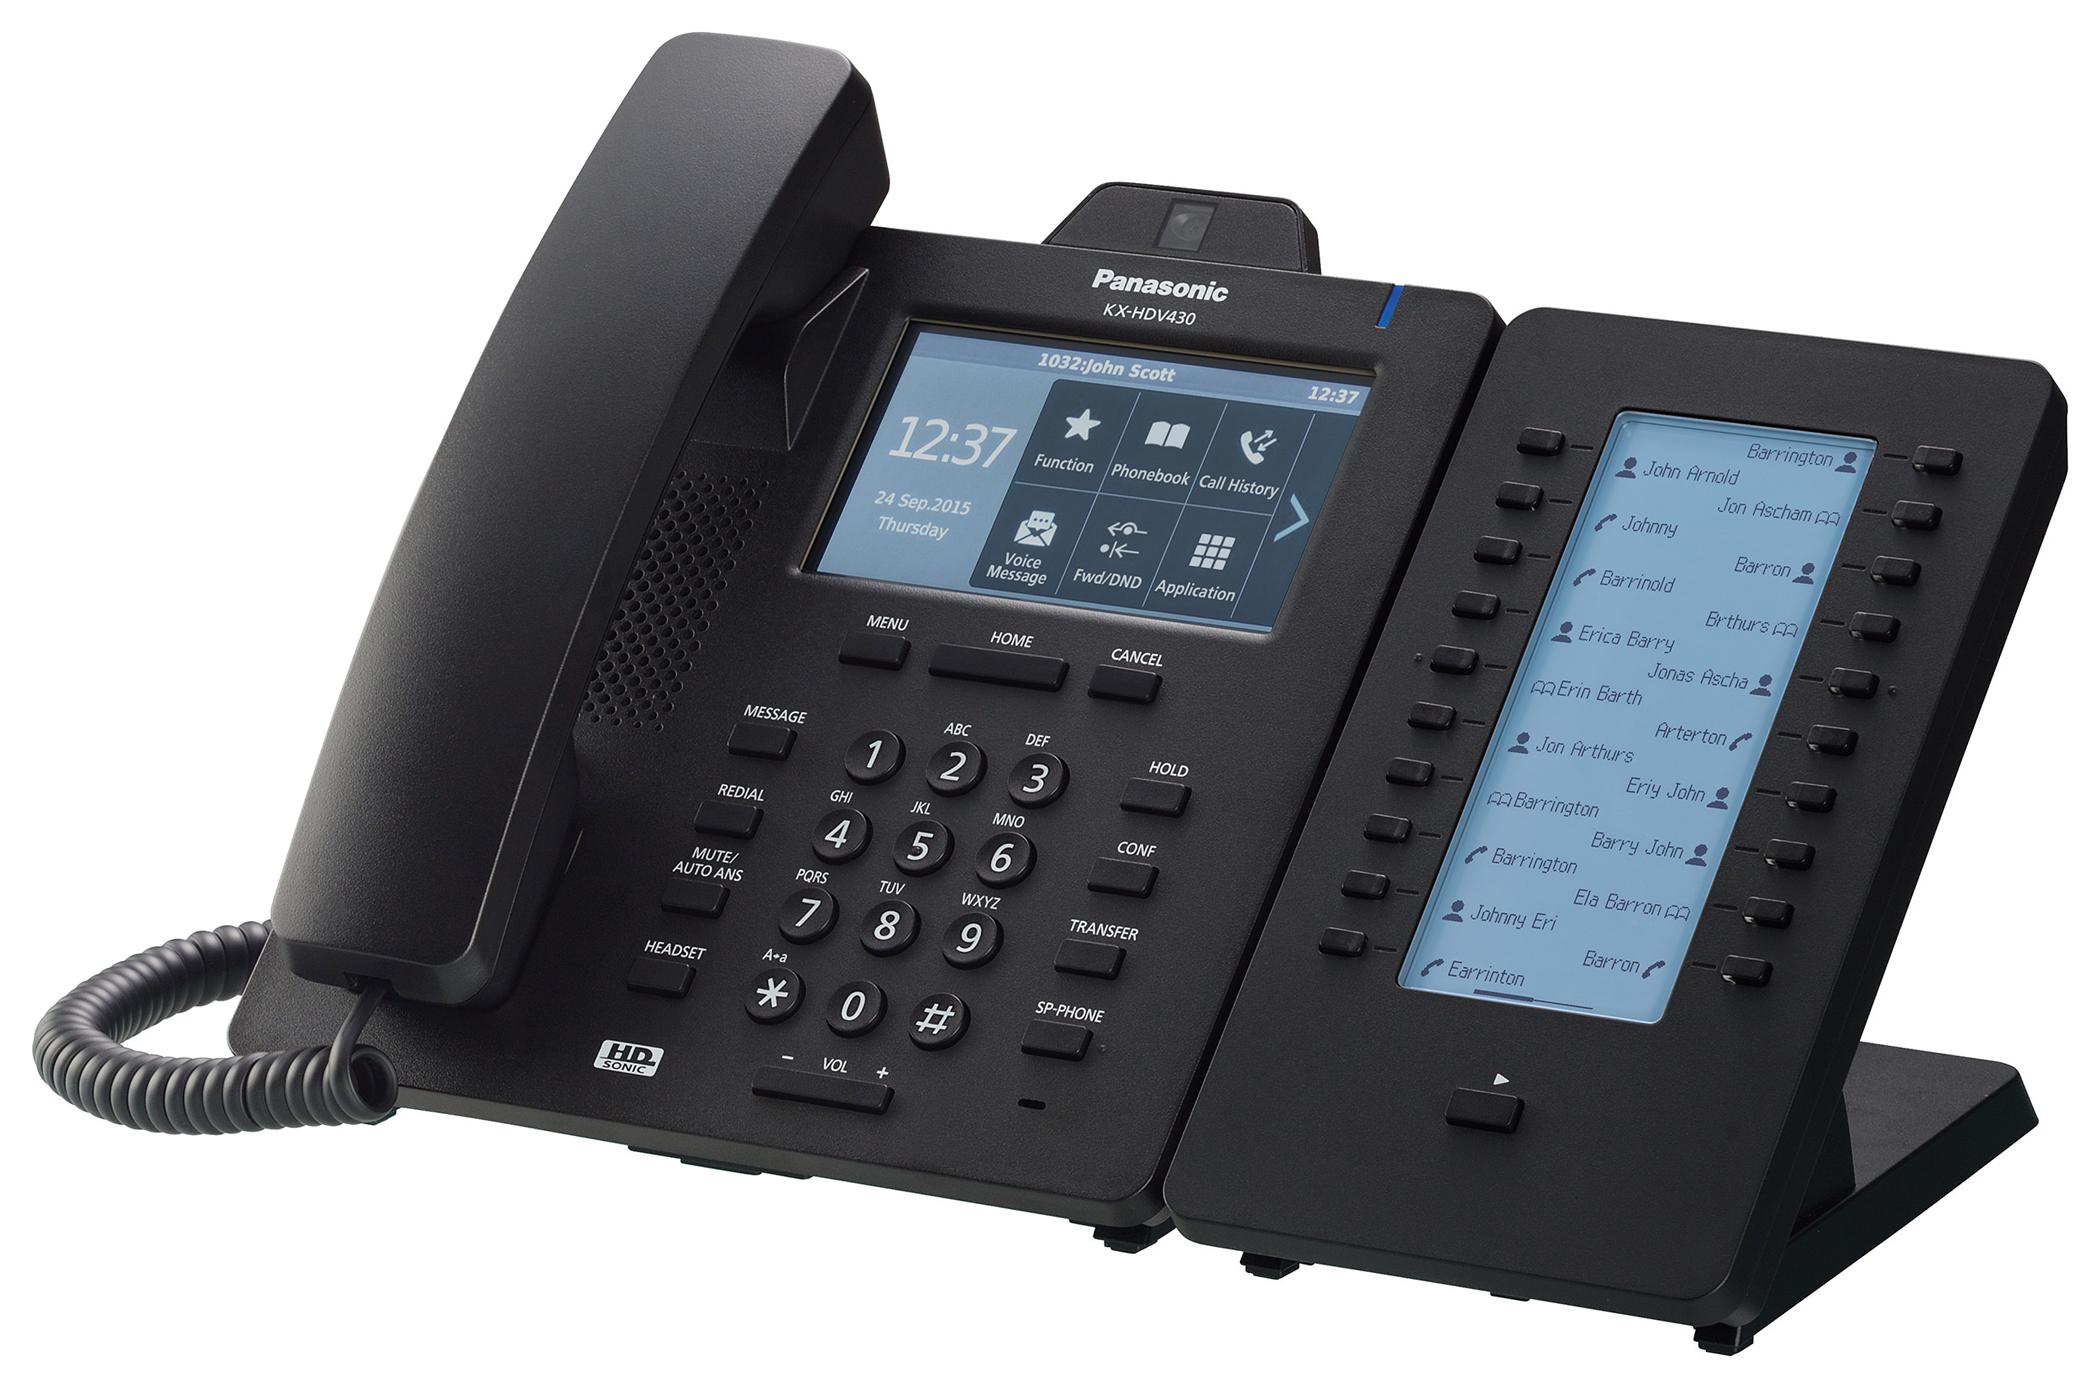 Купить телефон Panasonic KX-HDV430